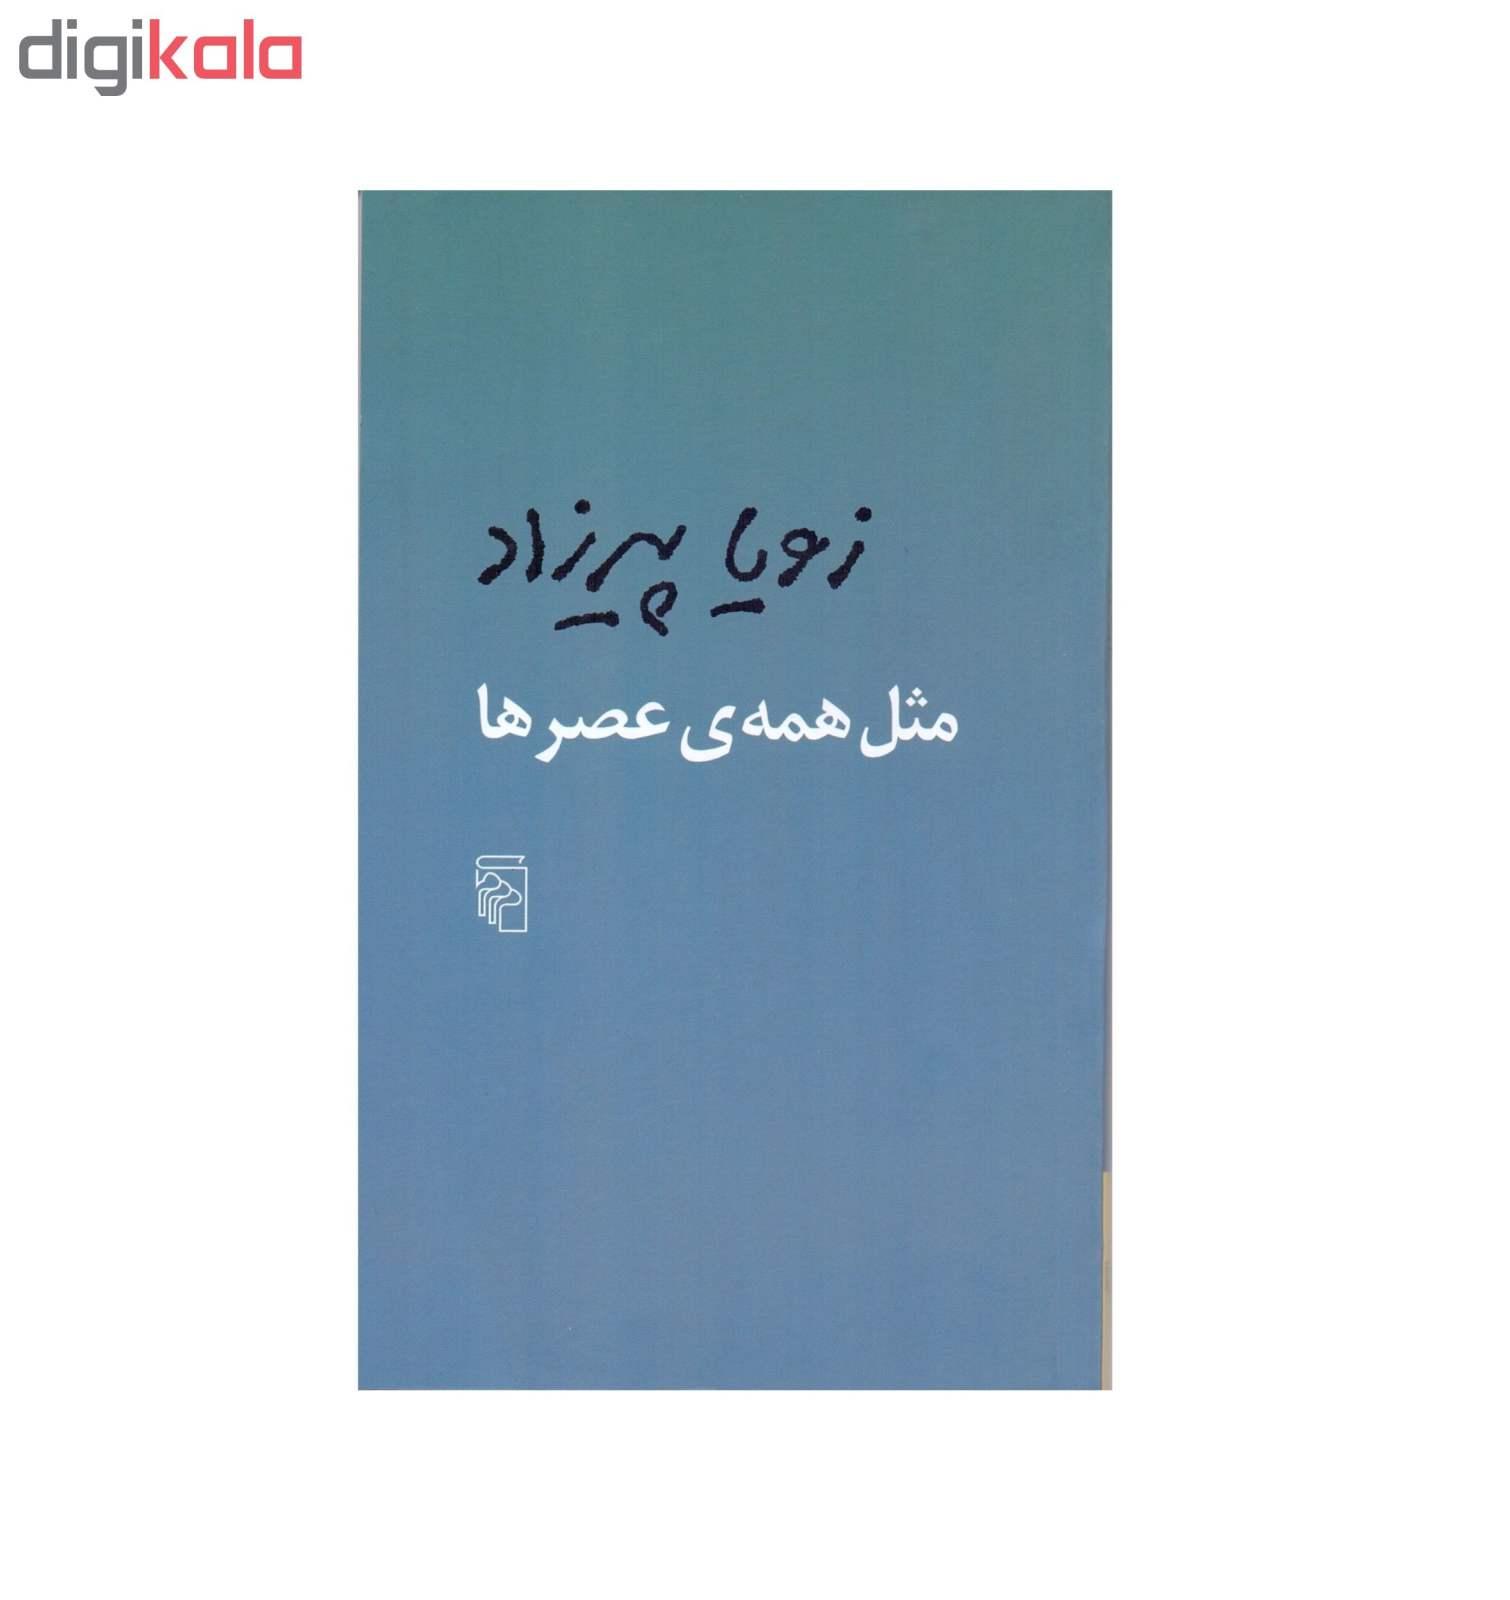 مجموعه کتاب های  مثل همه عصر ها  طعم گس خرمالو و  یک روز مانده به عید پاک اثر زویا پیرزاد نشرمرکز main 1 5